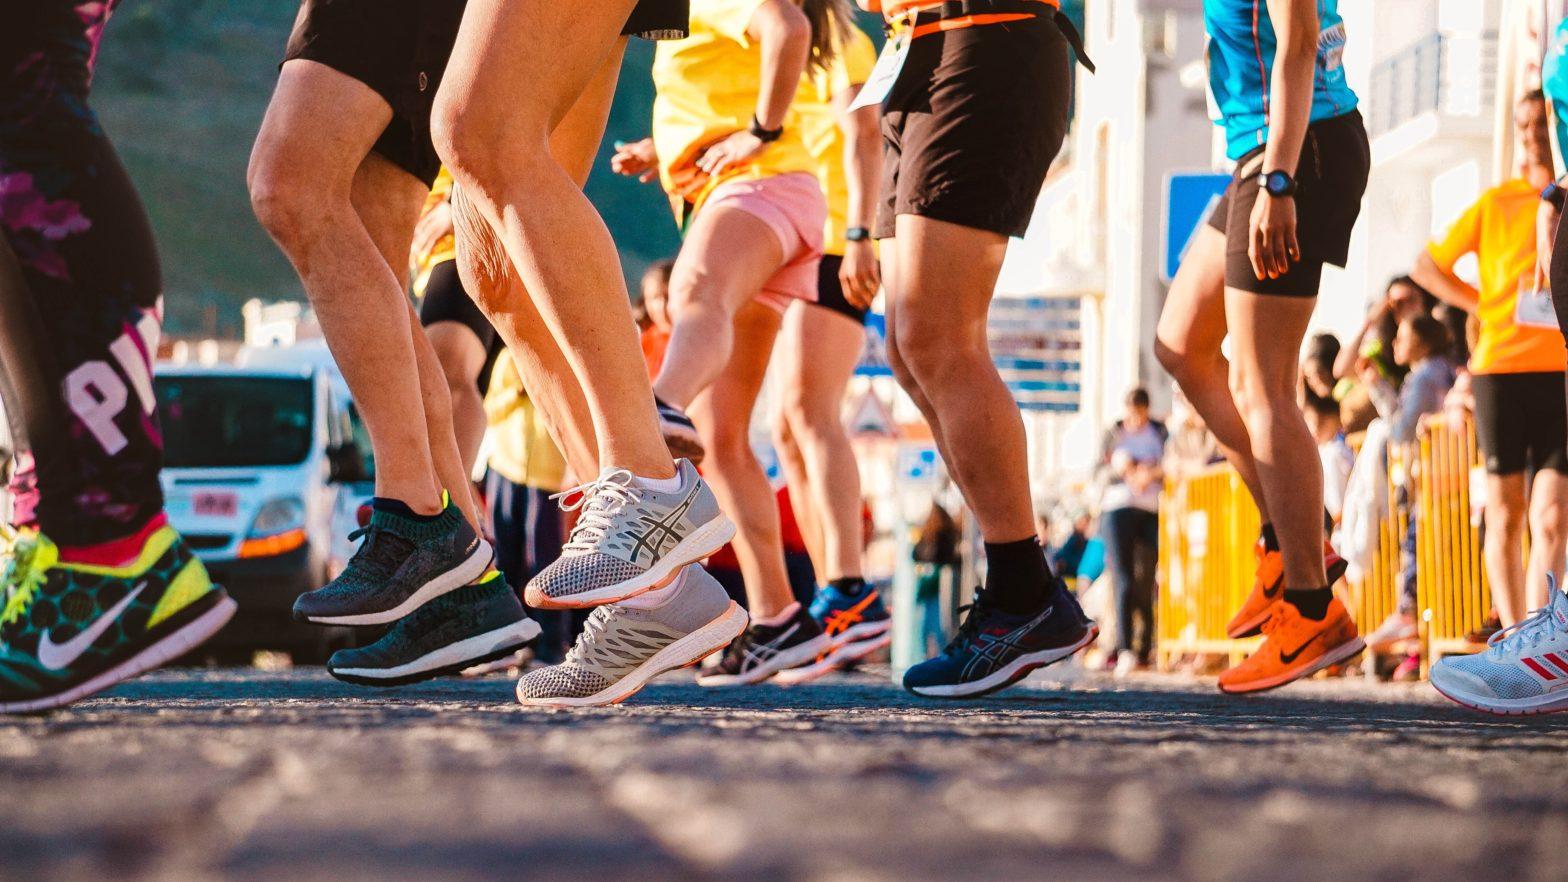 Choisir sa chaussure de course, par Julien Manival